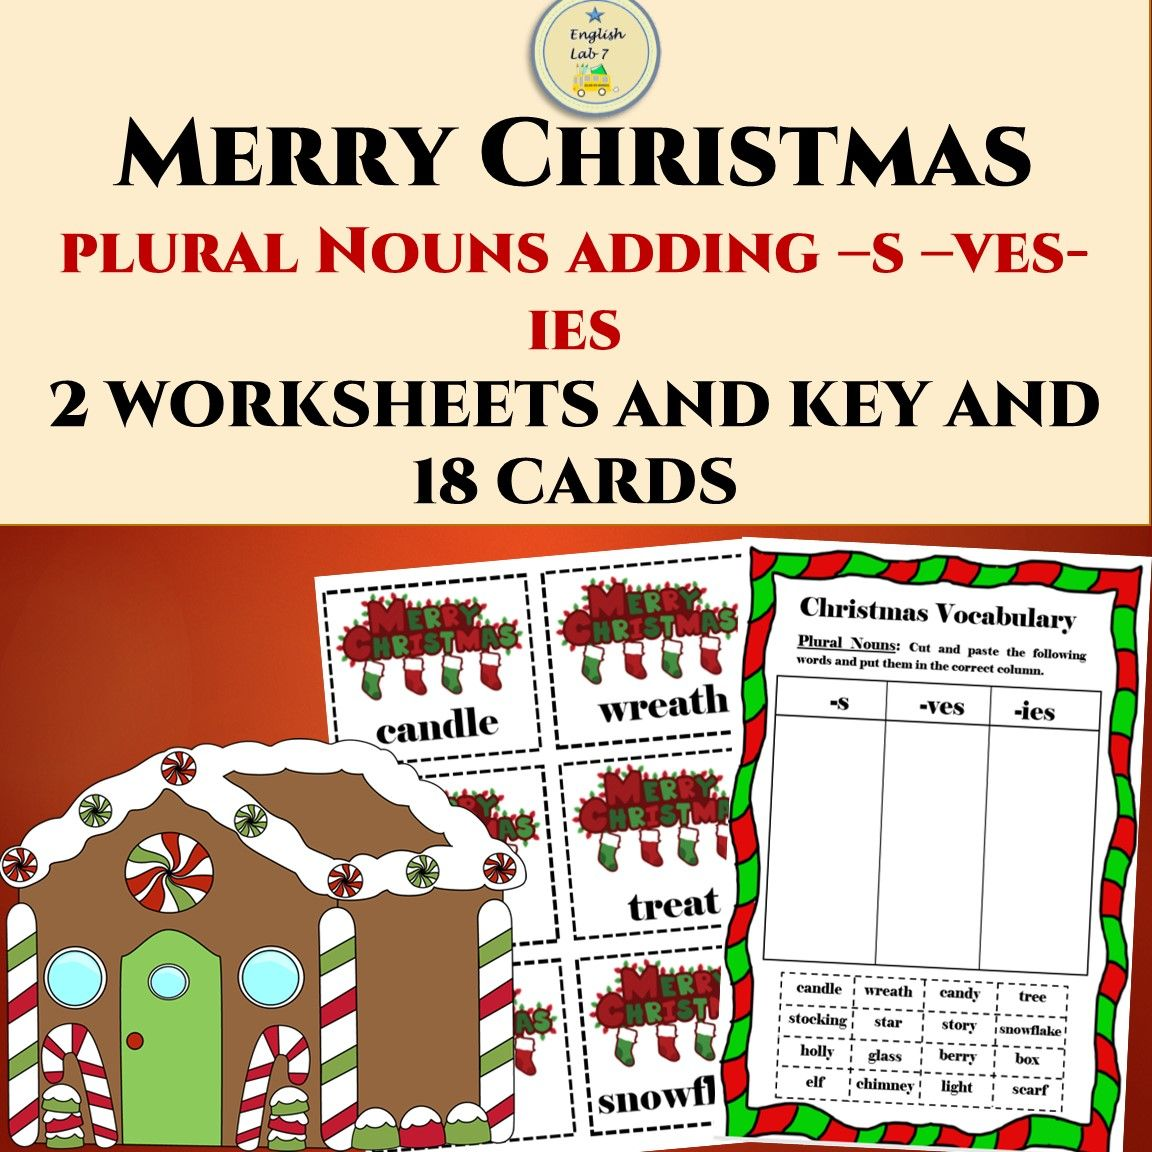 Christmas Plural Nouns Adding S Ves Ies